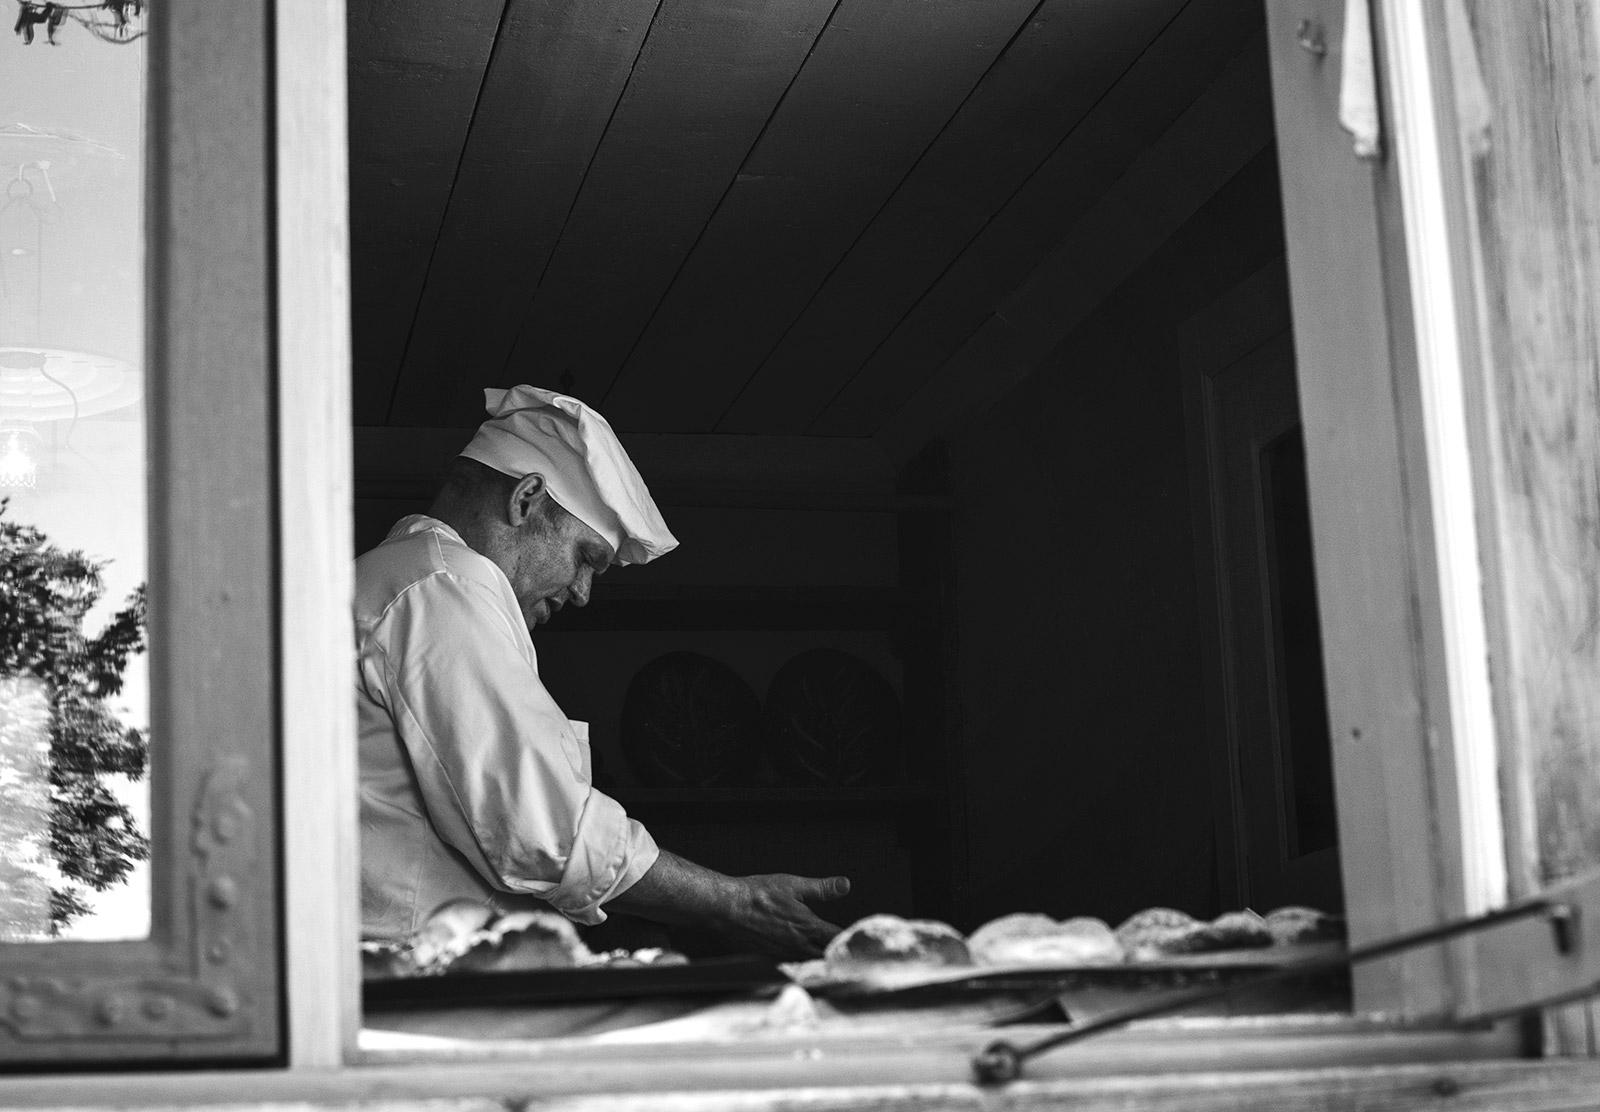 Baker in window